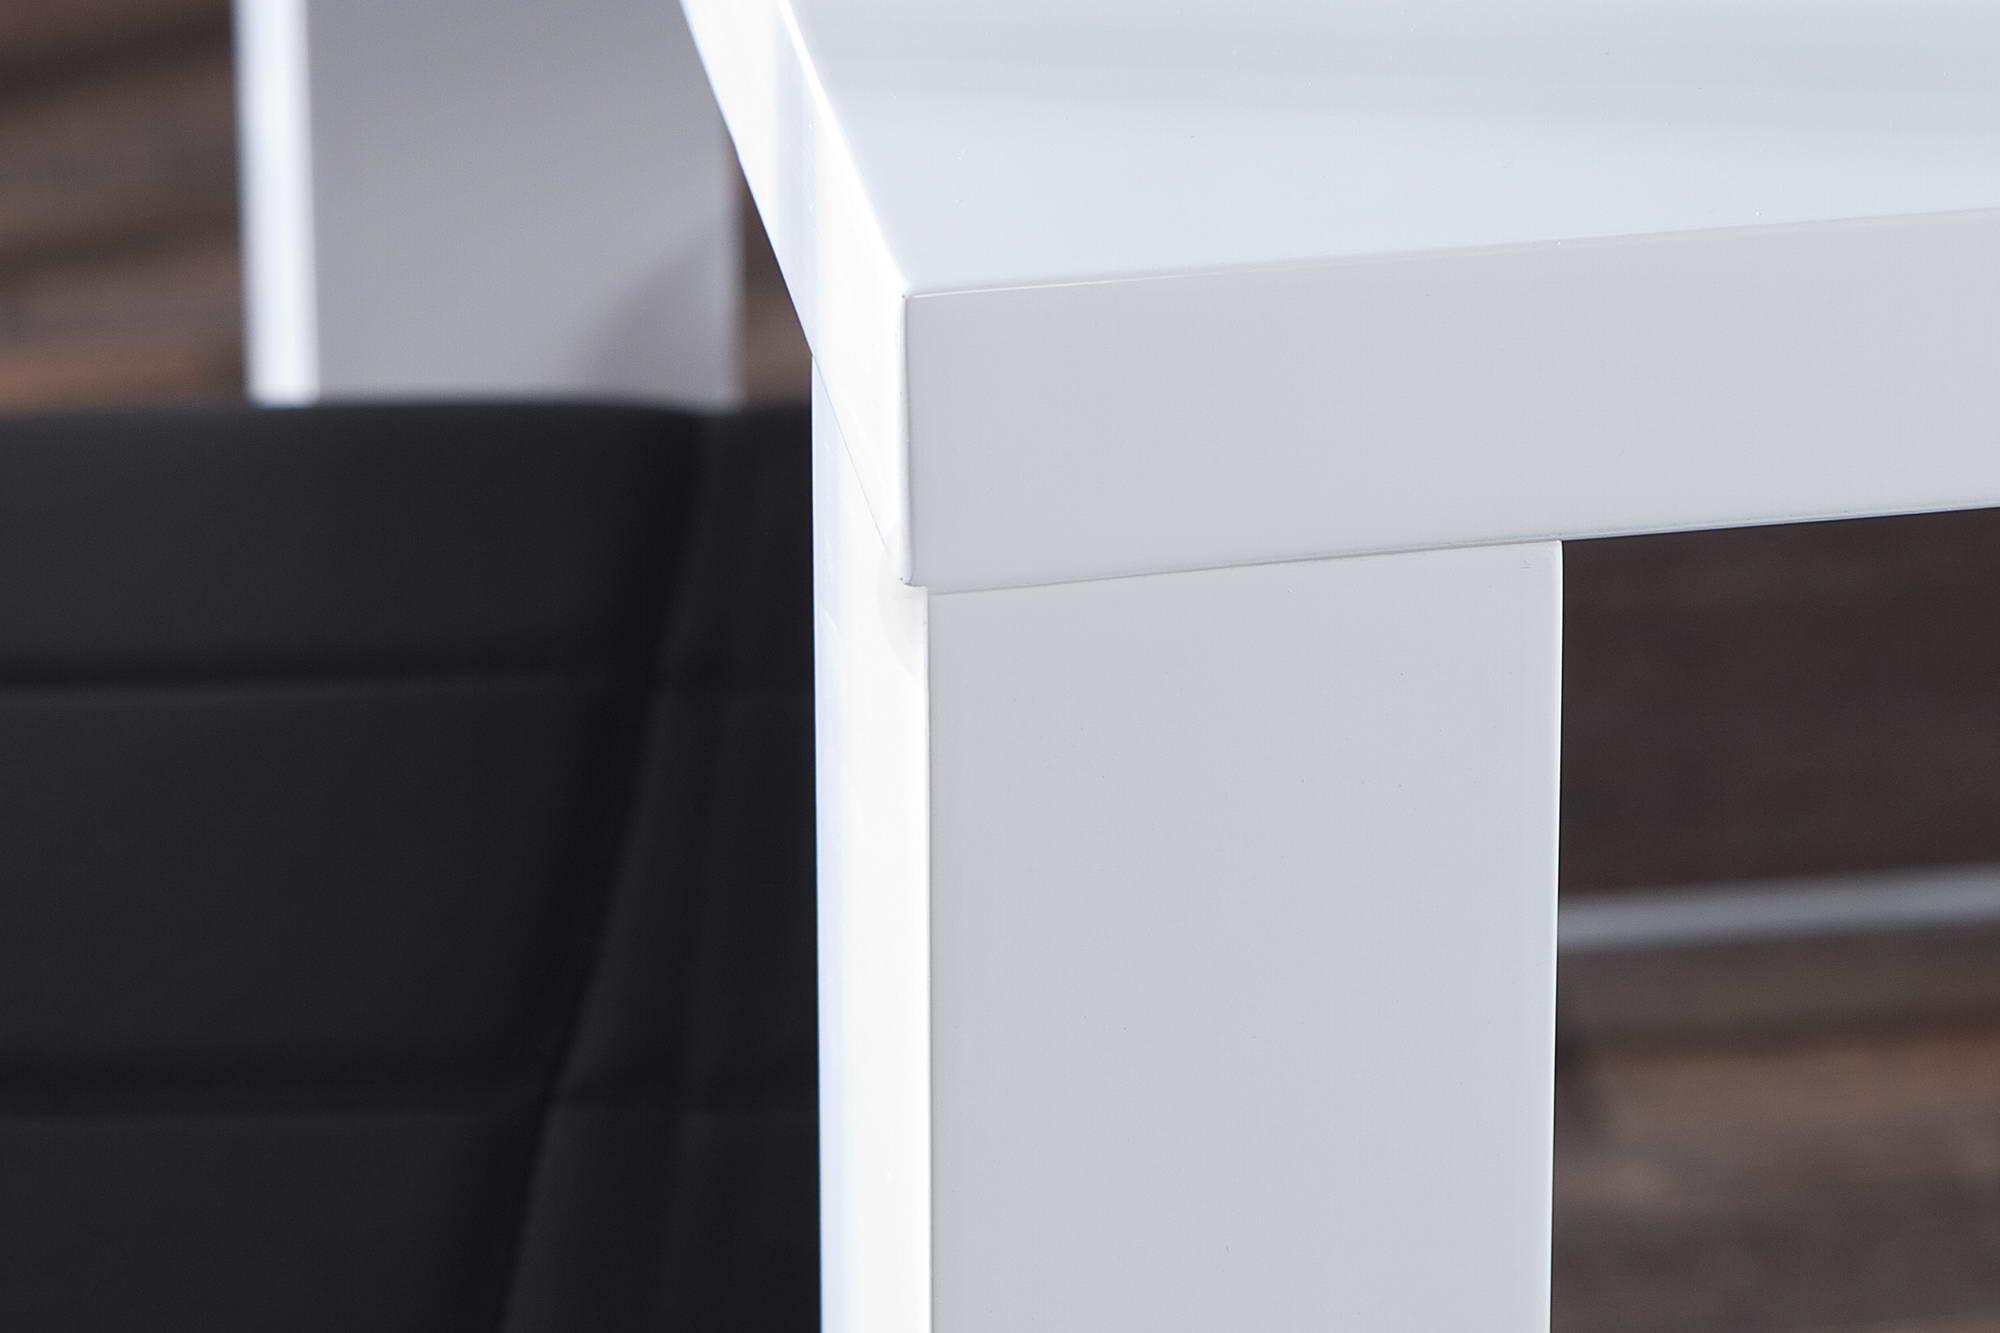 Jídelní stůl bílý vysoký lesk Radiant 160cm